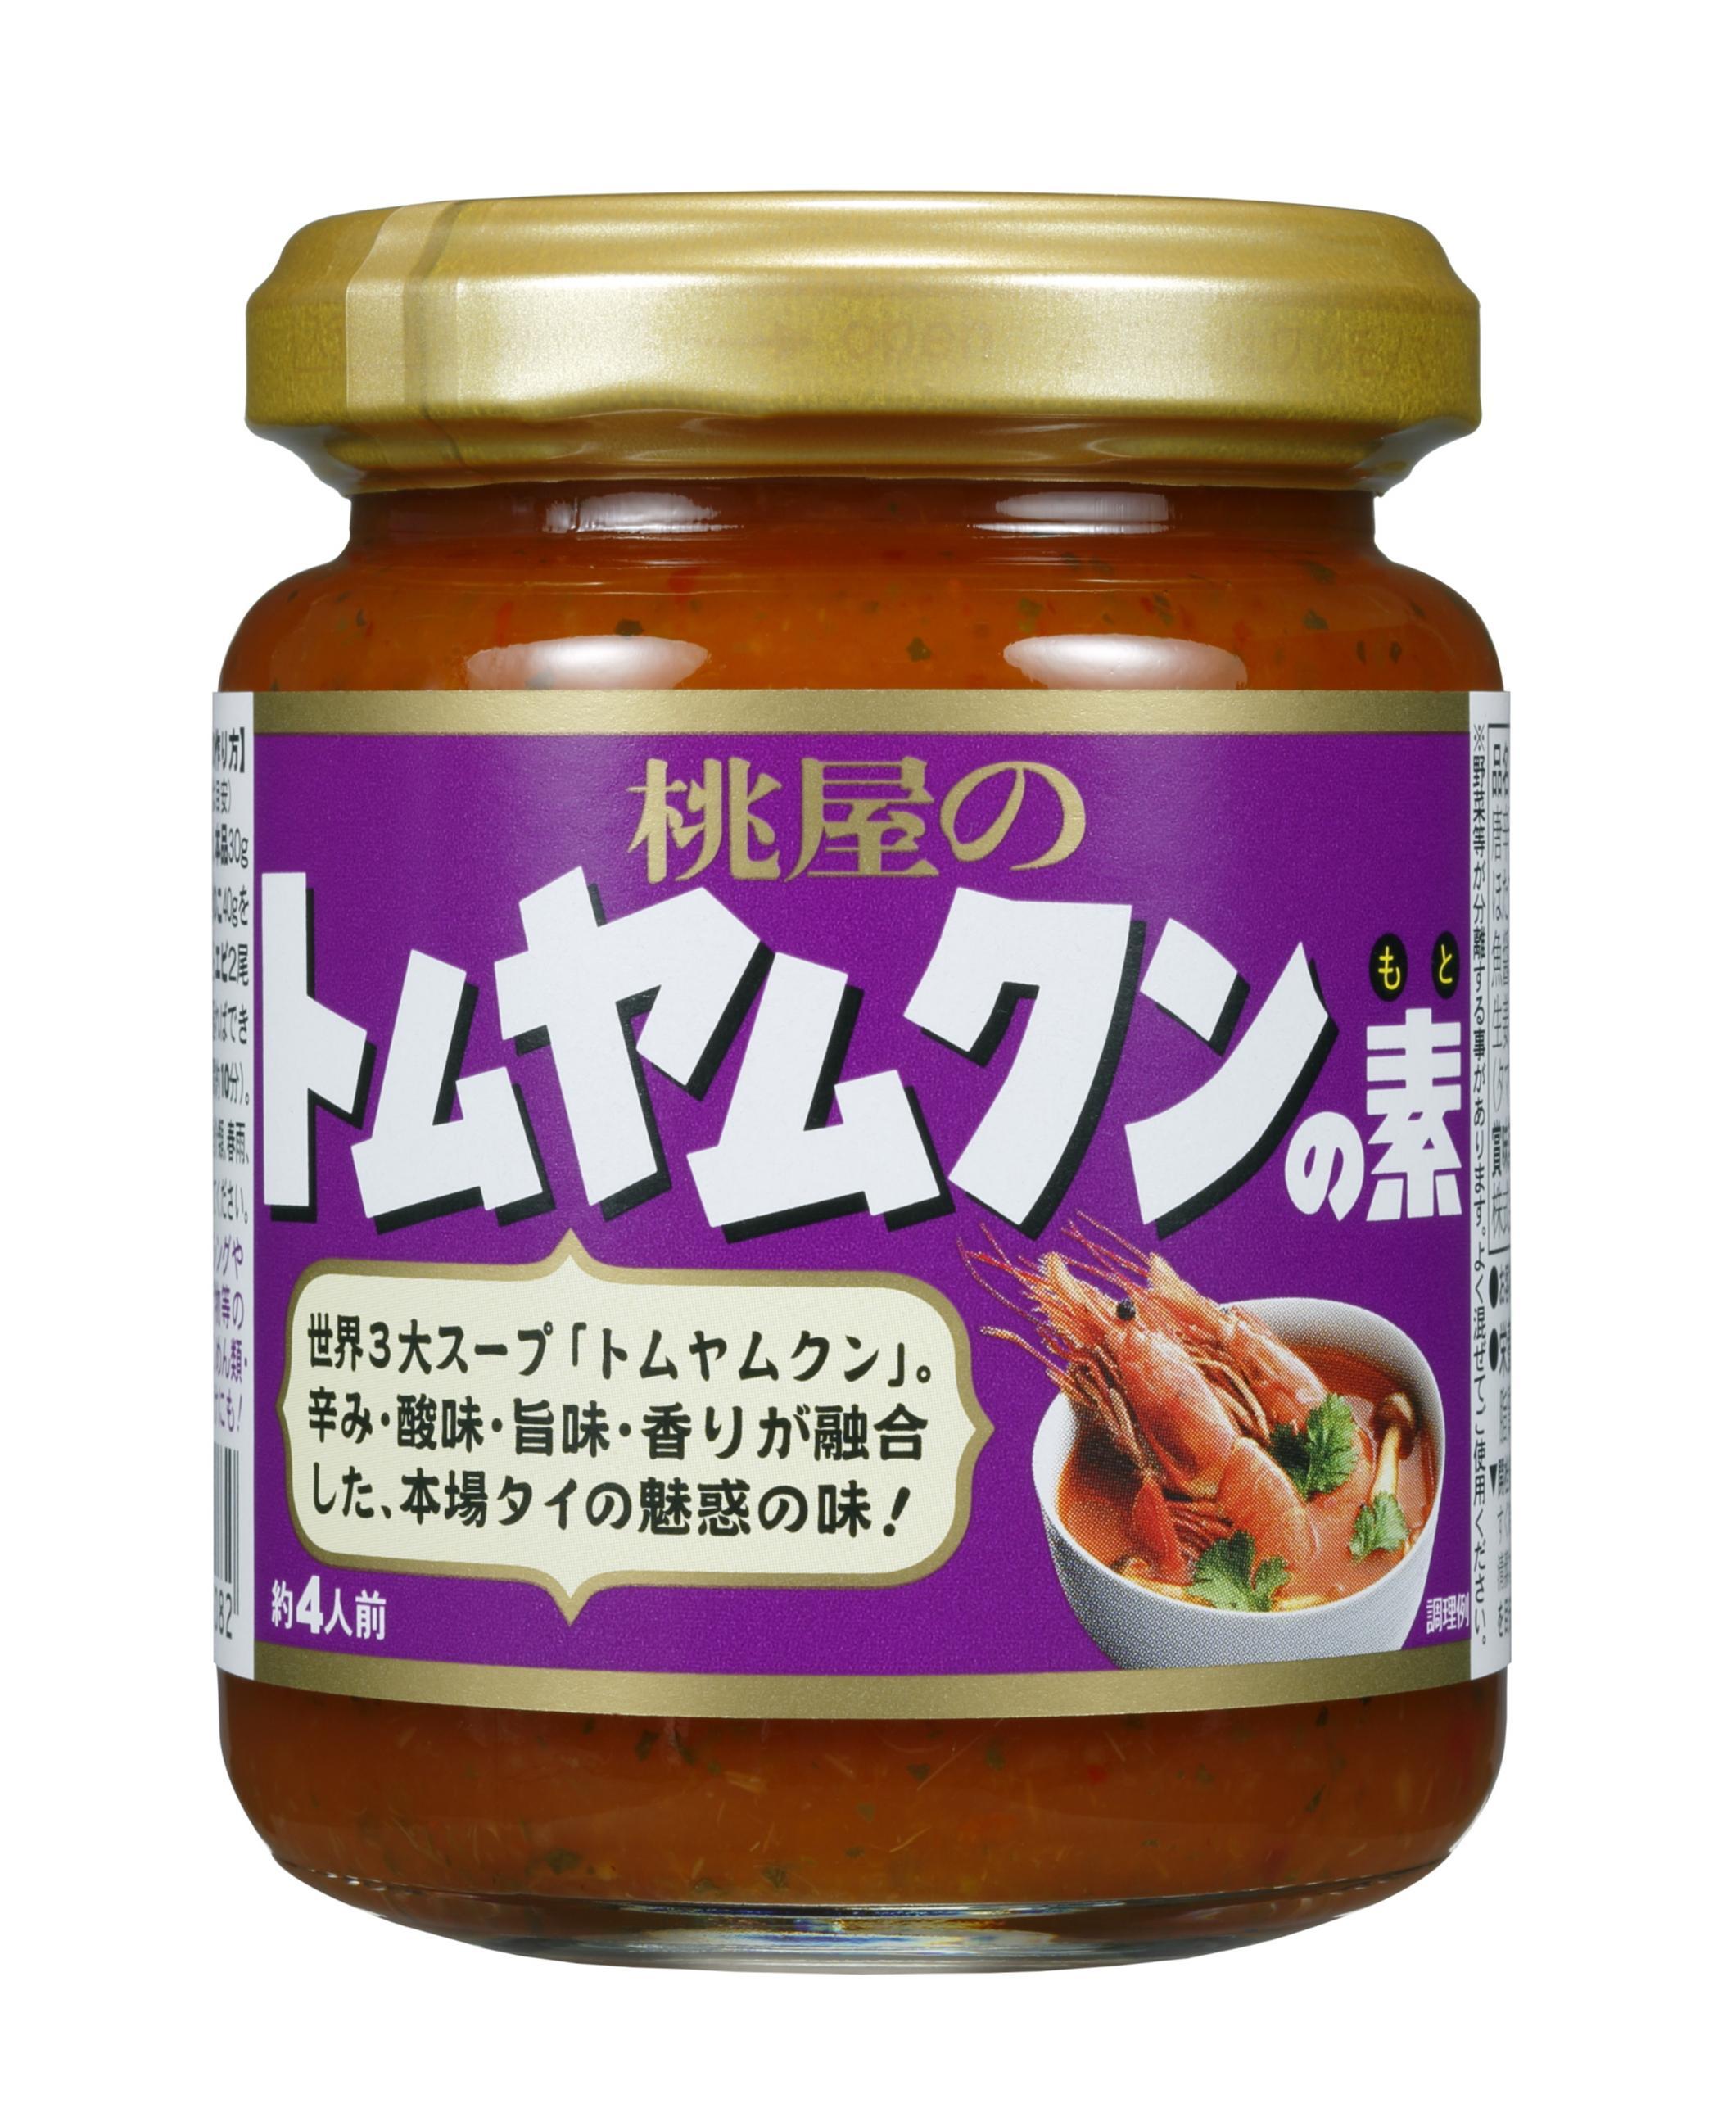 スープに、タレに、味付けに! 「トムヤムクンの素」が優秀すぎる☆_1